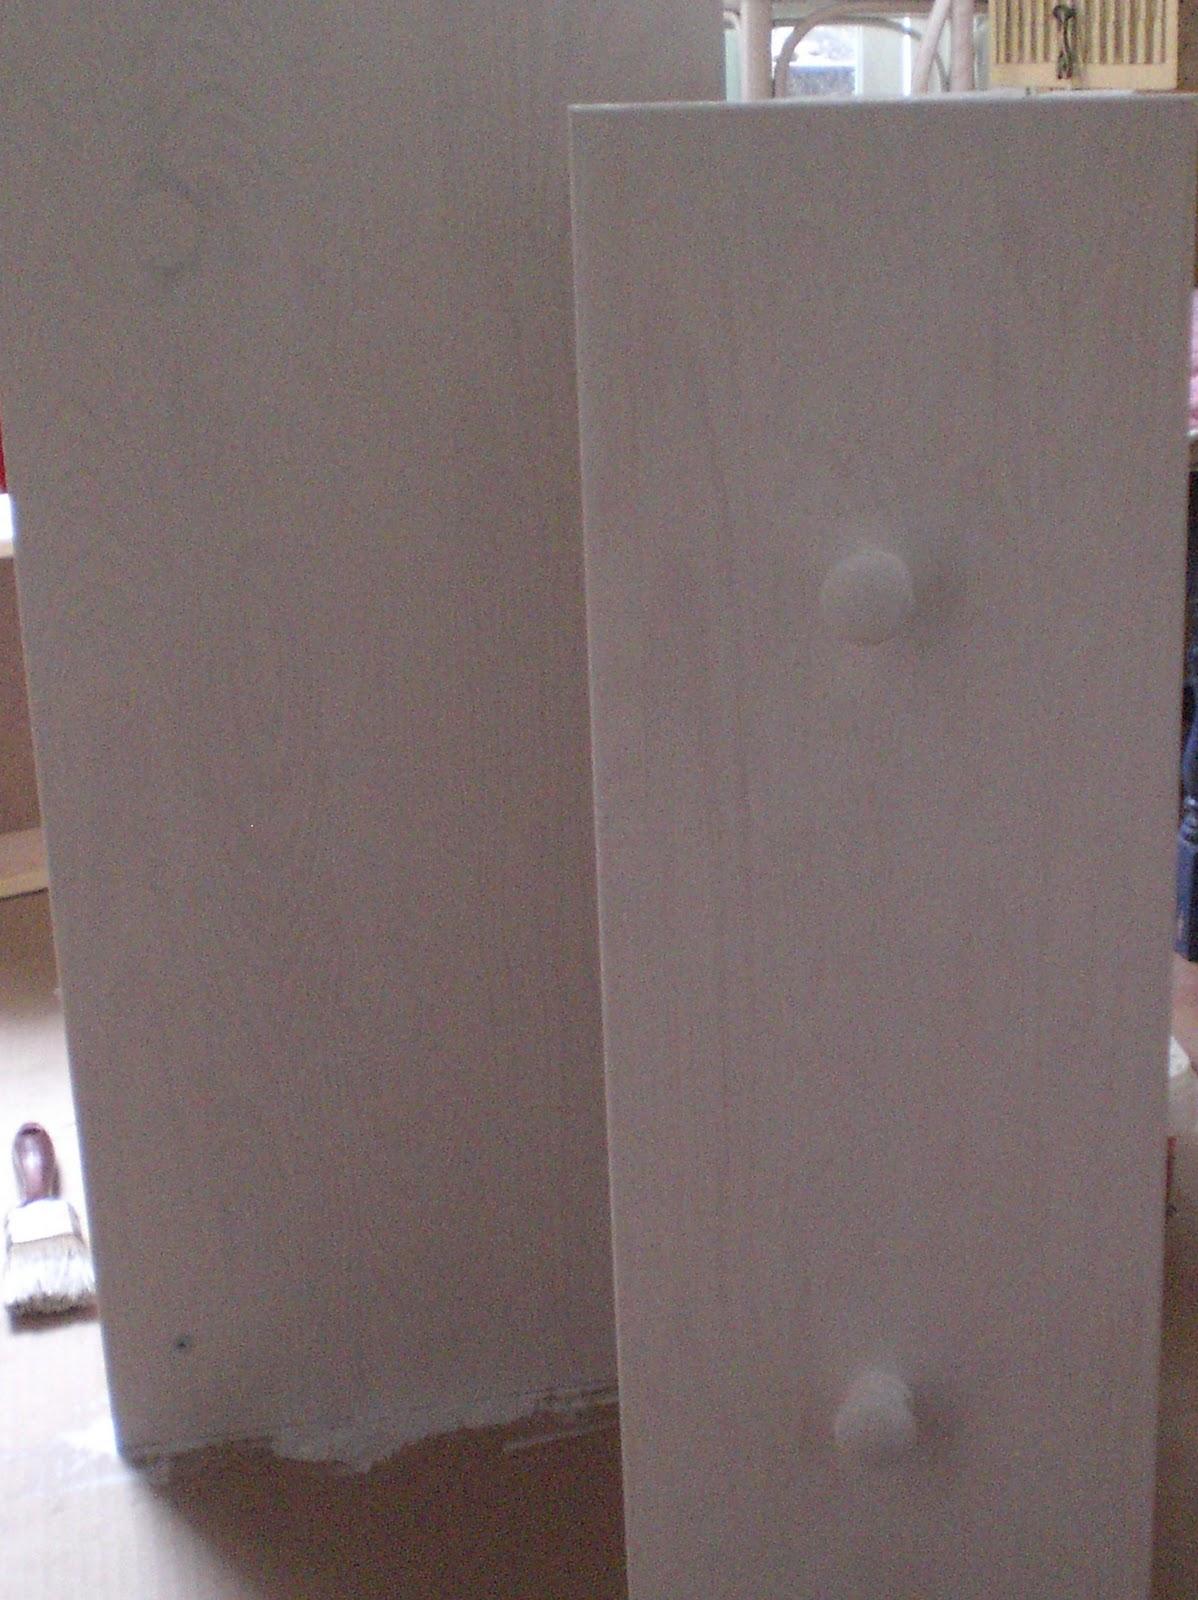 Quiero pintar un mueble pero est barnizado pinturadecor for Mueble recepcion ikea